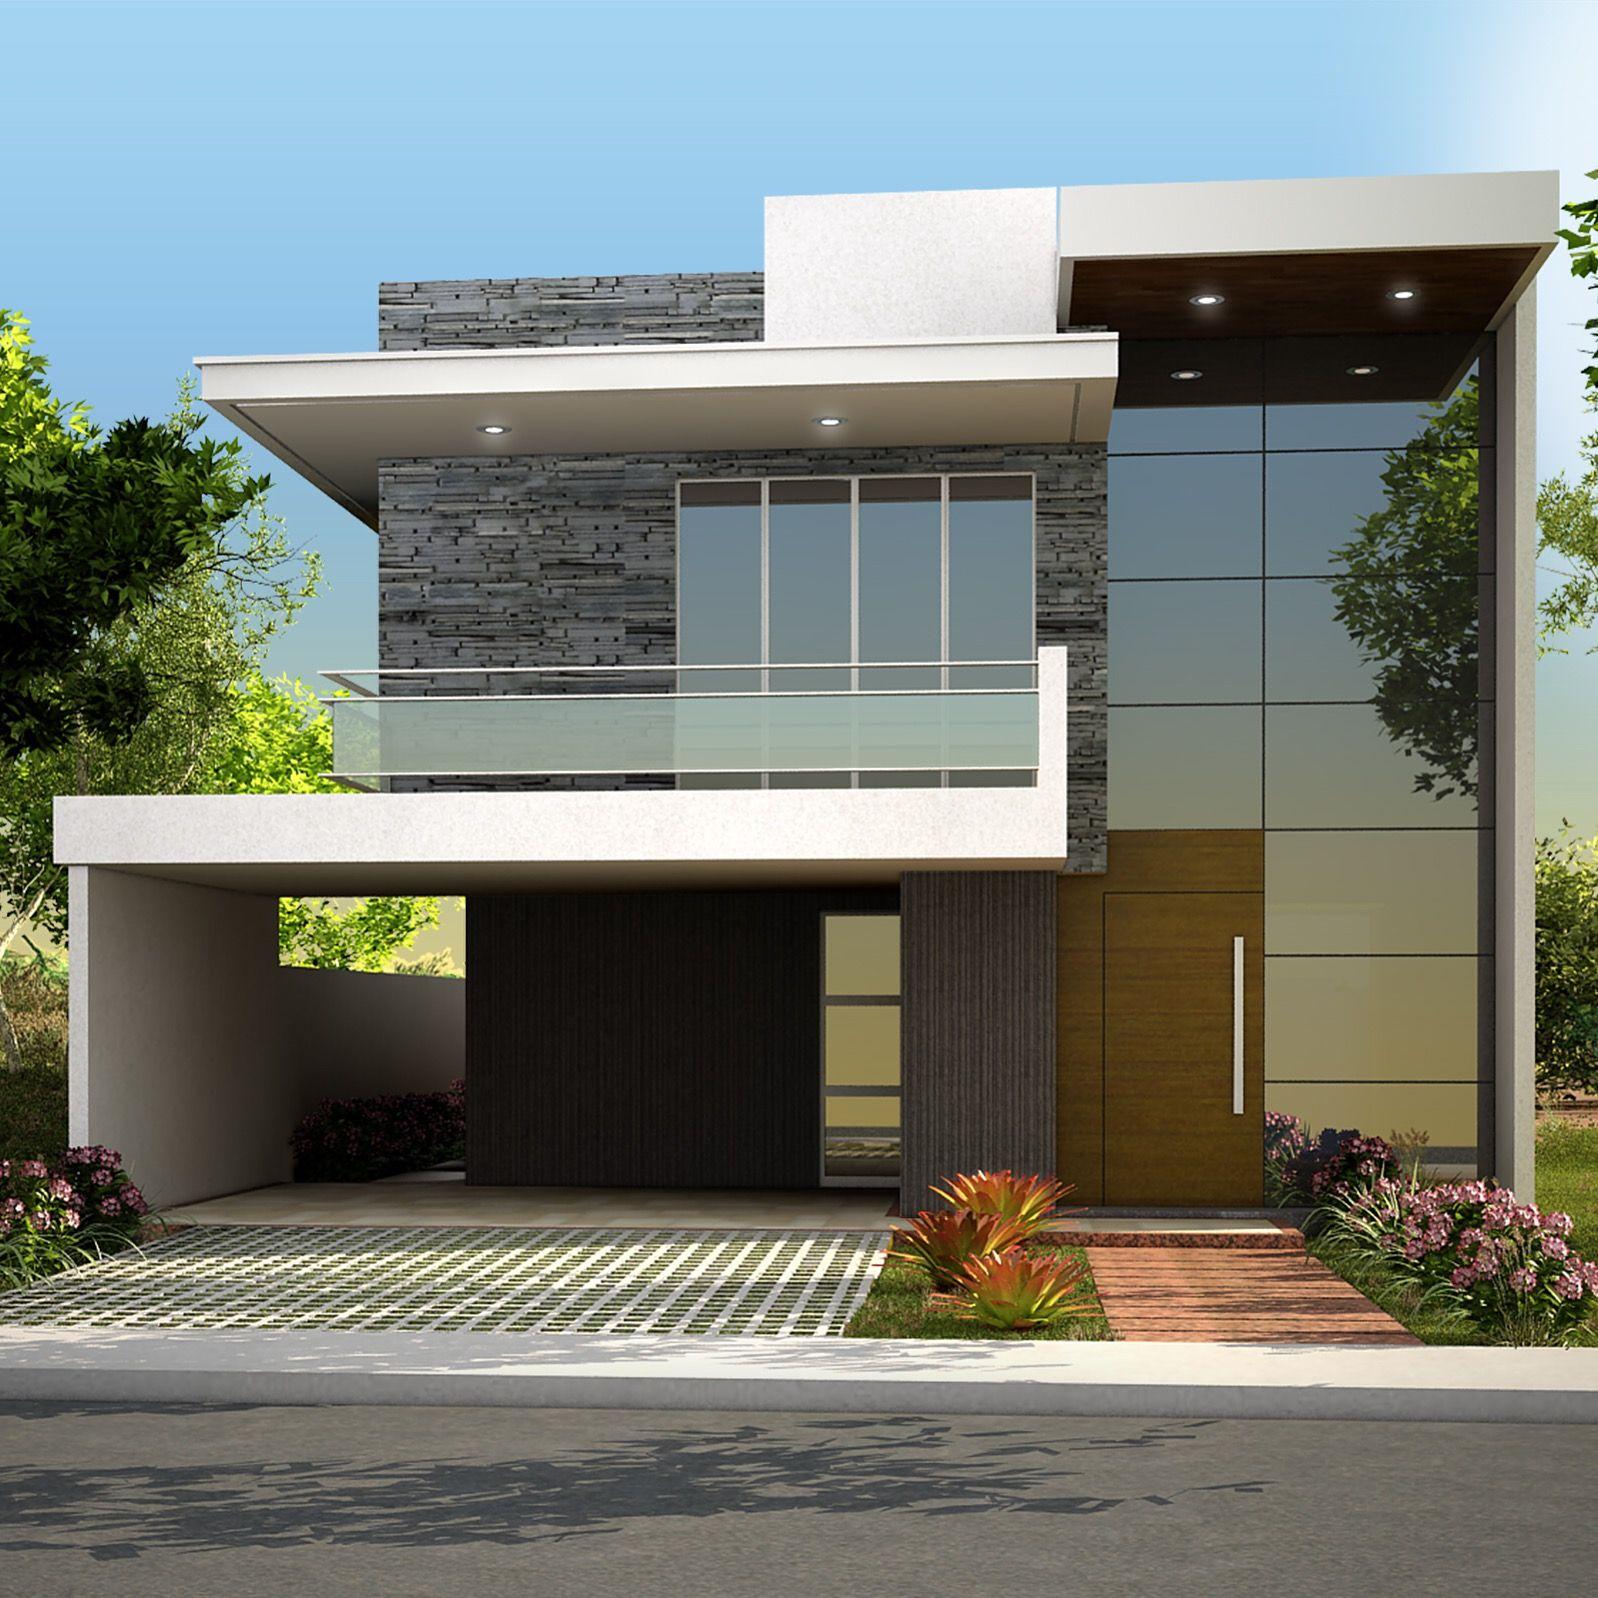 Fachada chilca arquitectura en 2019 casas modernas for Fachadas de casas modernas pequenas de 2 pisos